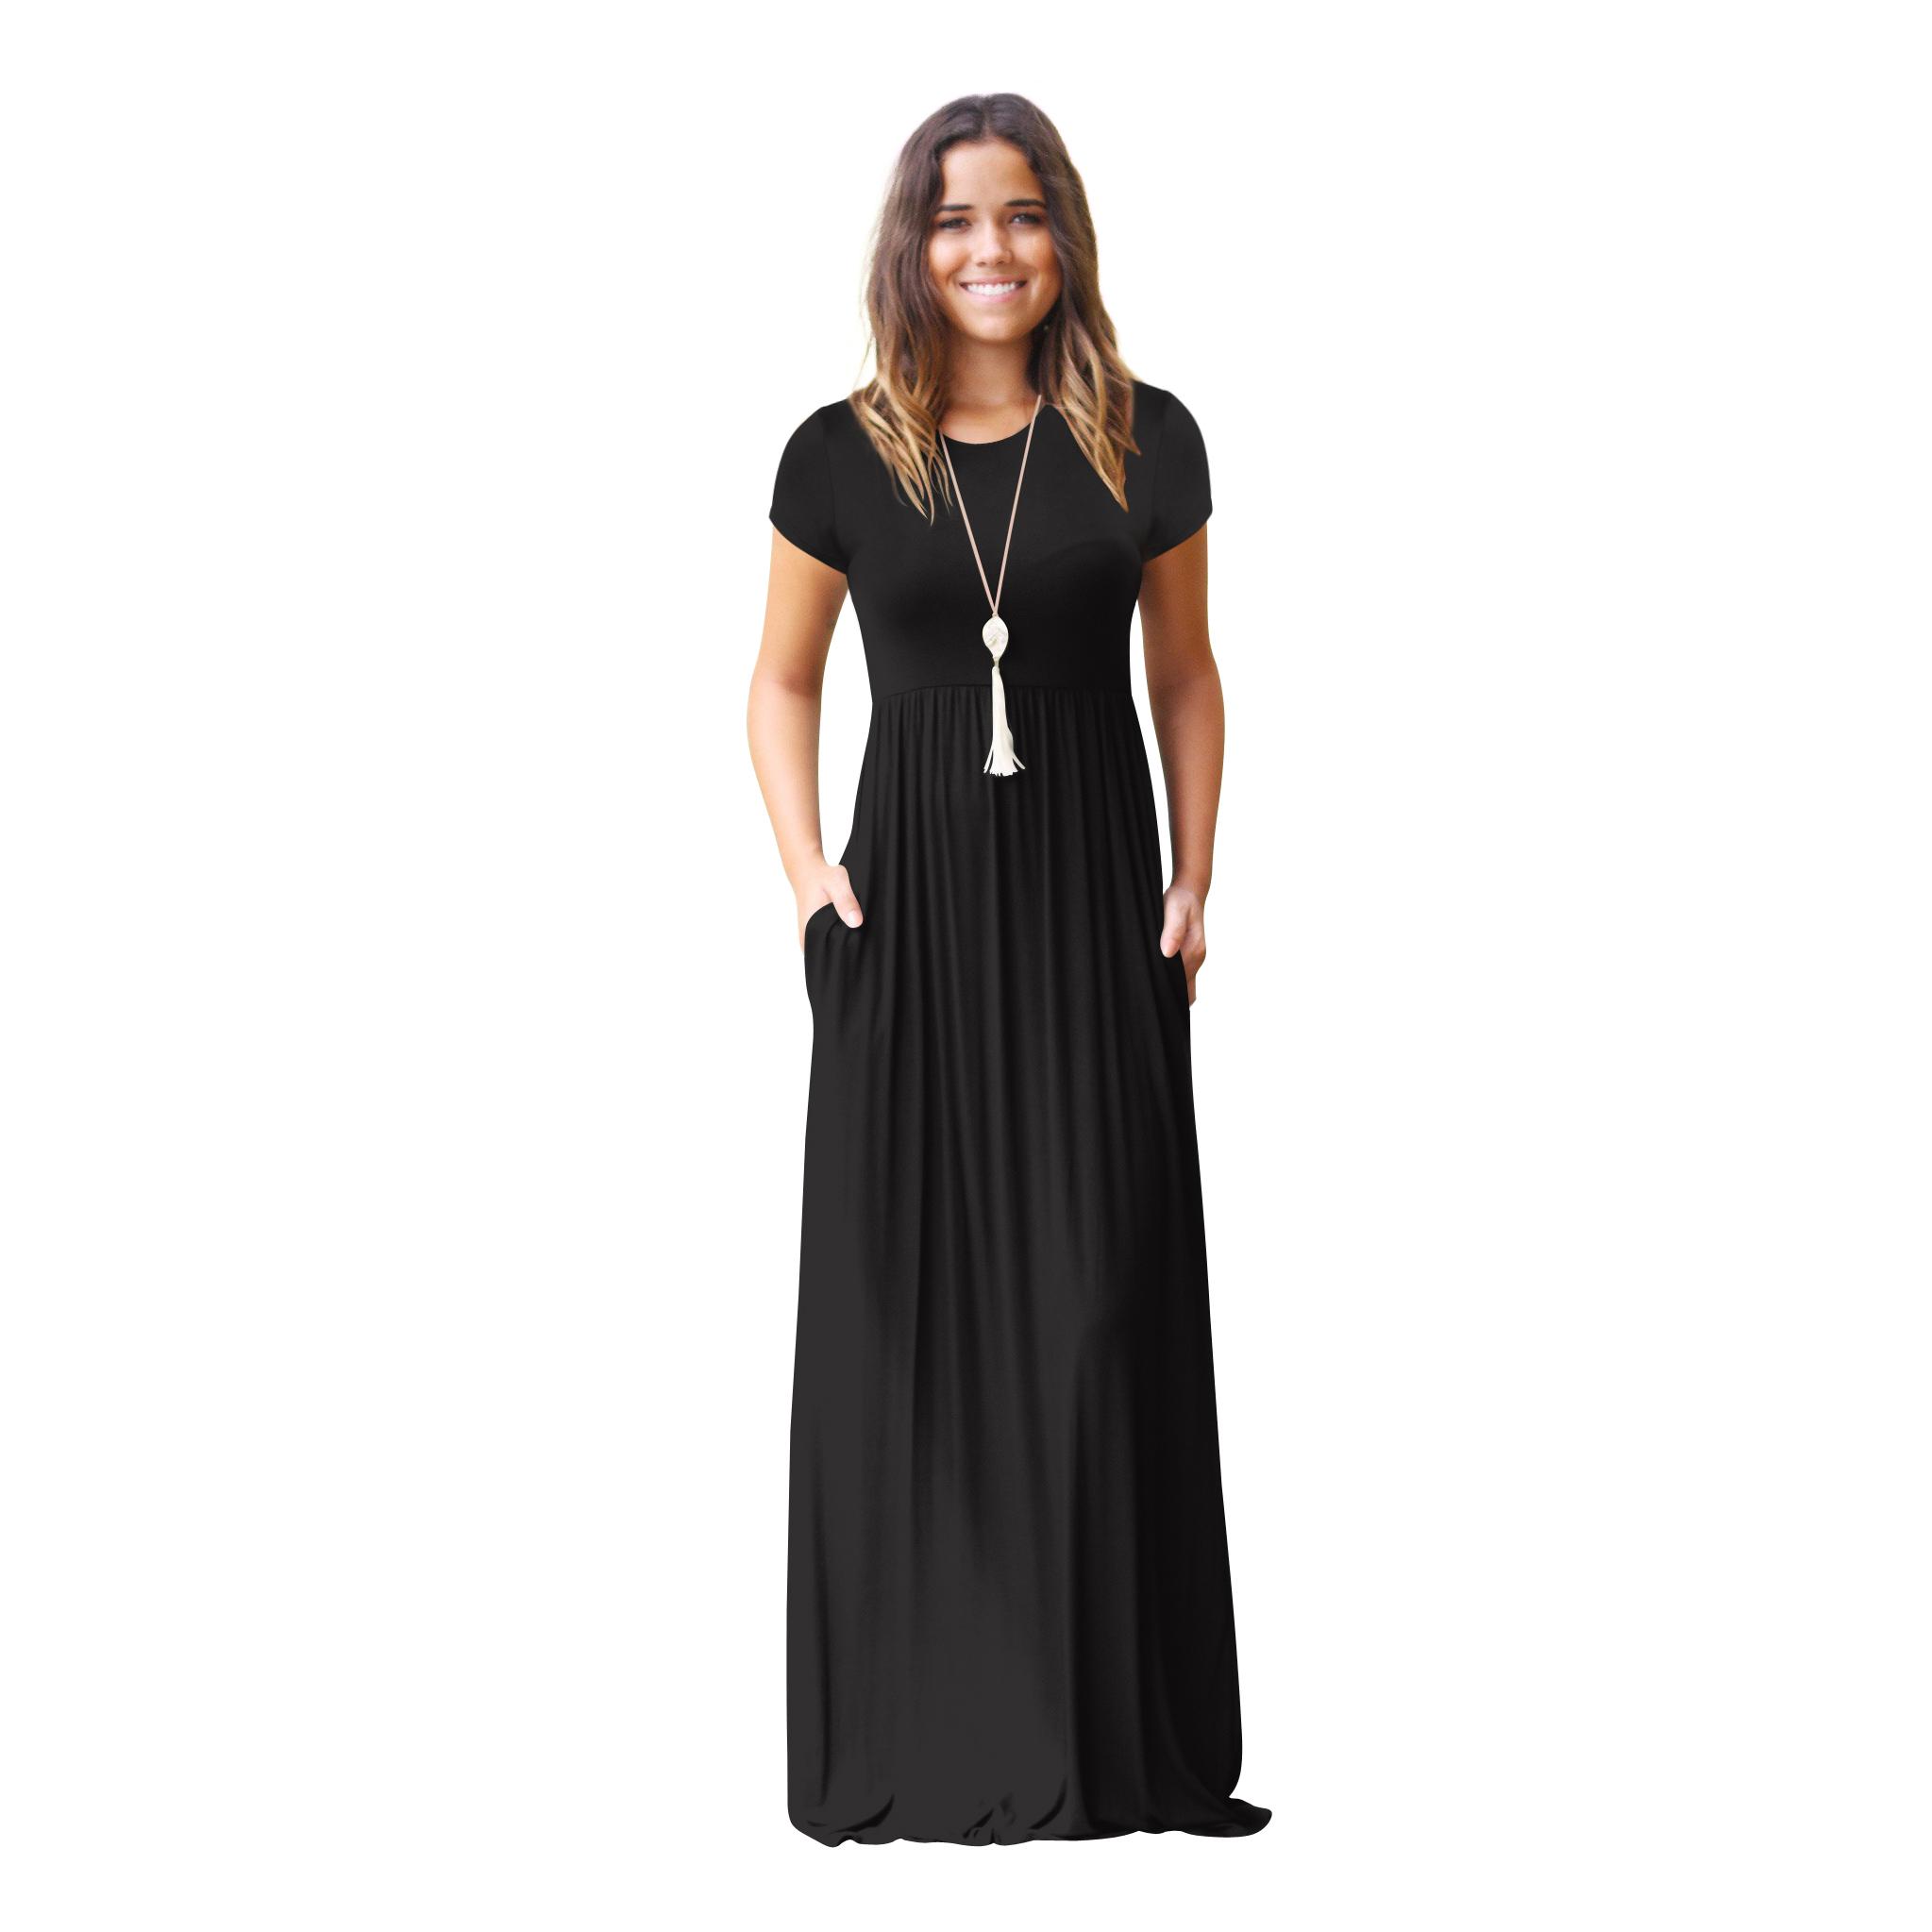 Wonderbaarlijk Groothandel maxi-jurk met korte mouwen en zakken   Wereldwijde minnaar OF-34